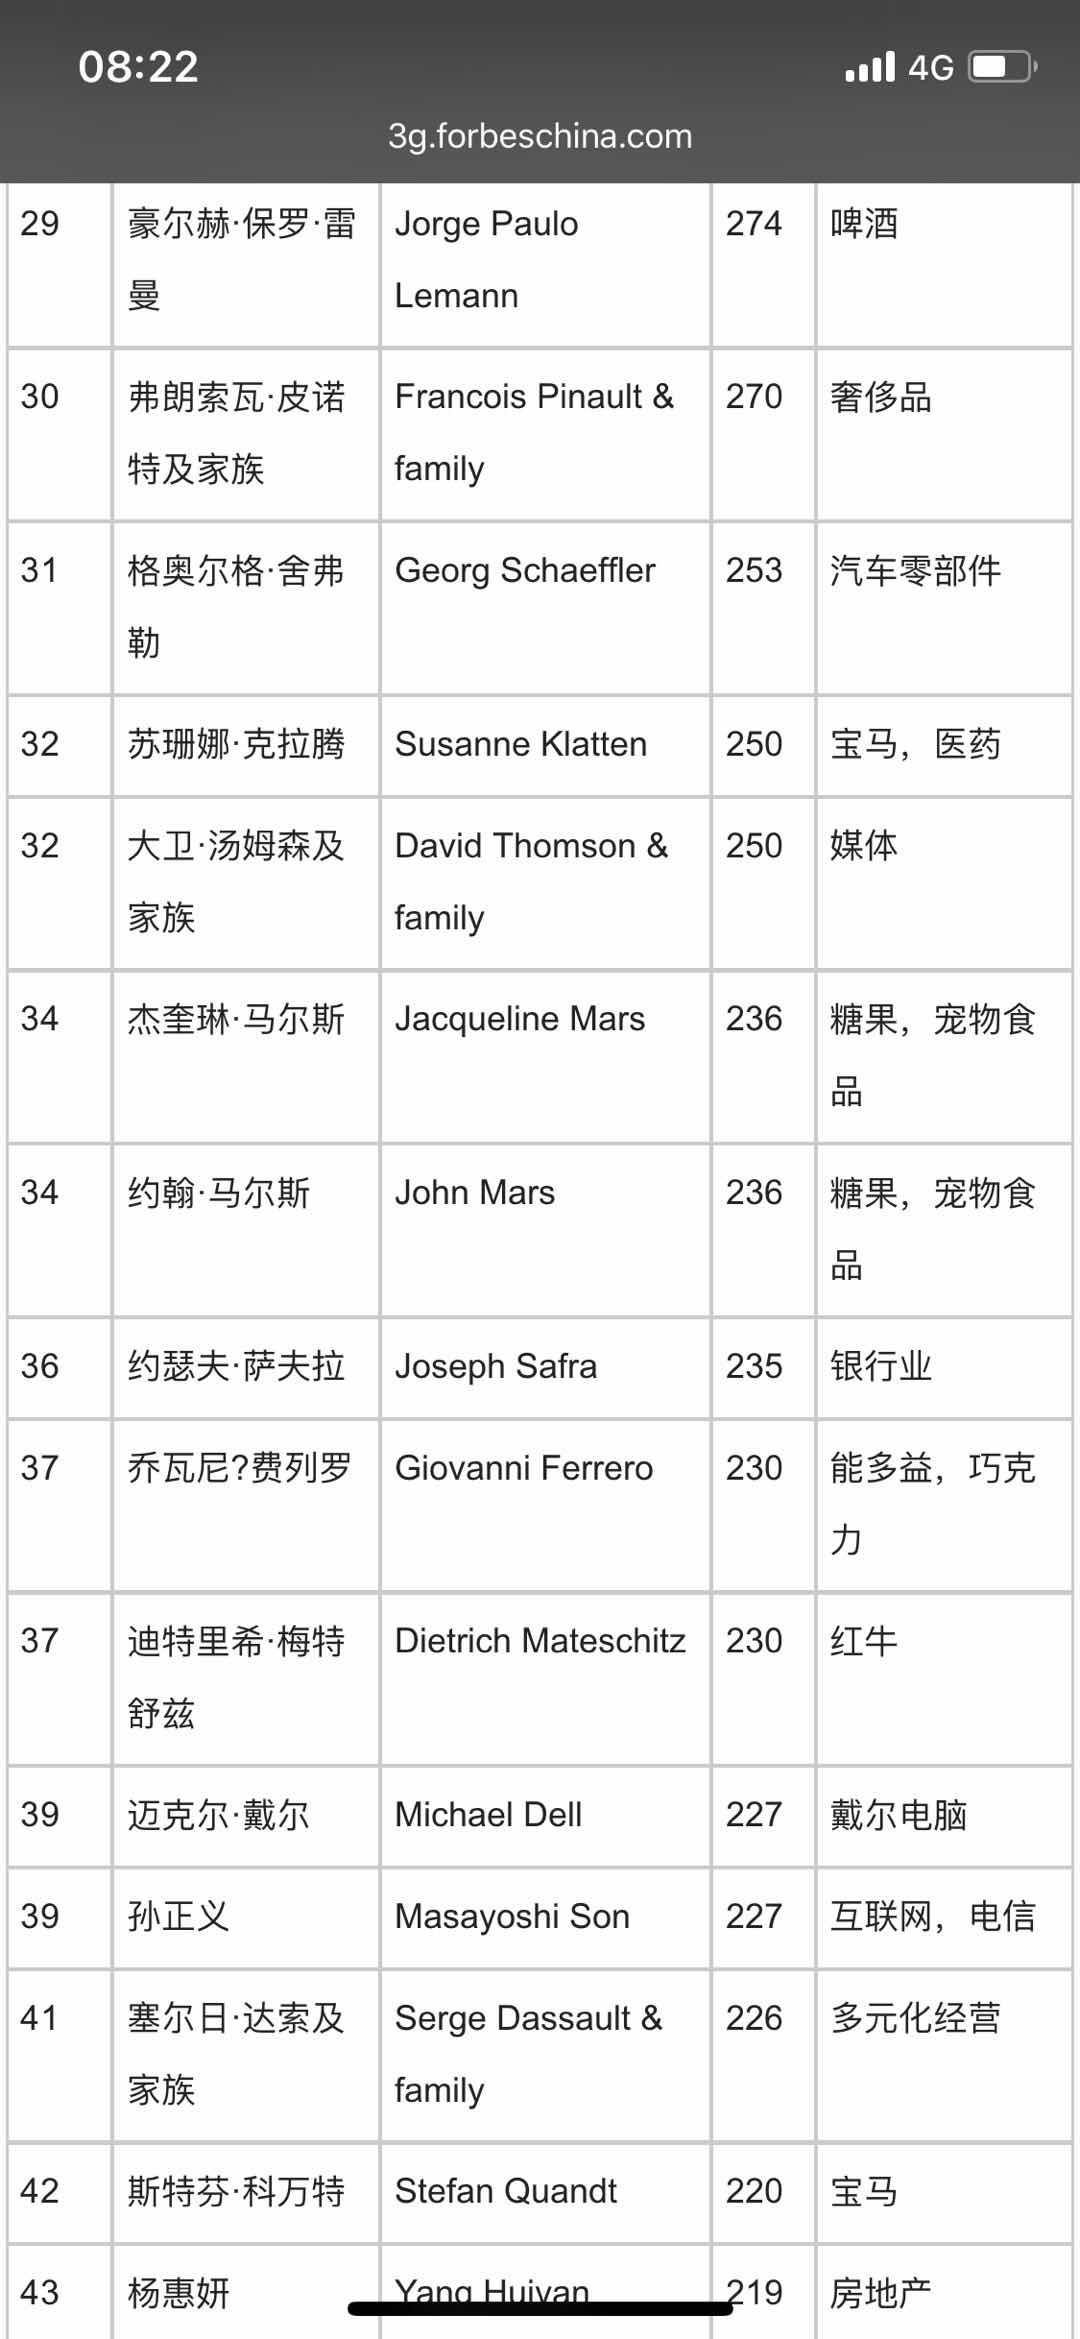 福布斯发布2018亿万富豪榜 中国内地新上榜富豪最多